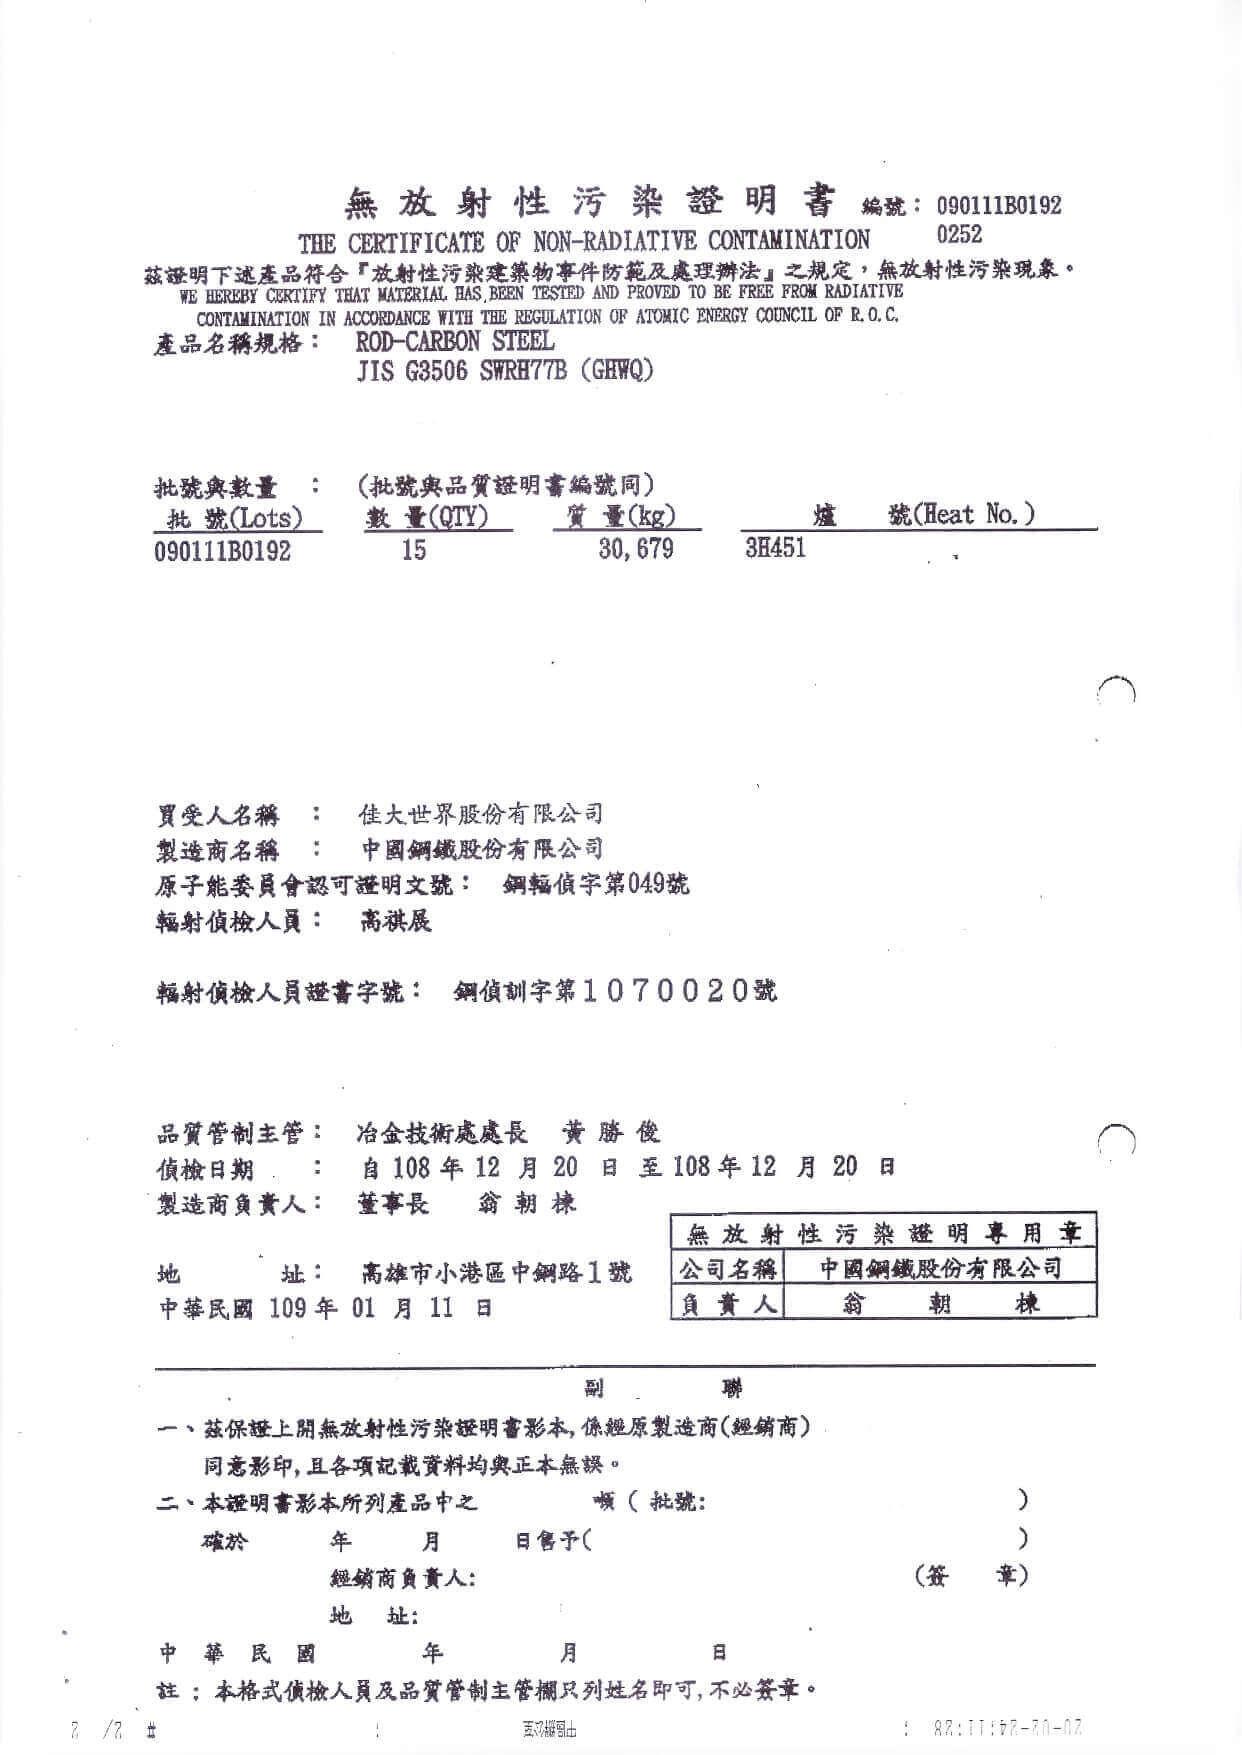 中鋼品質證明-鋼線無放射汙染檢驗合格證明書